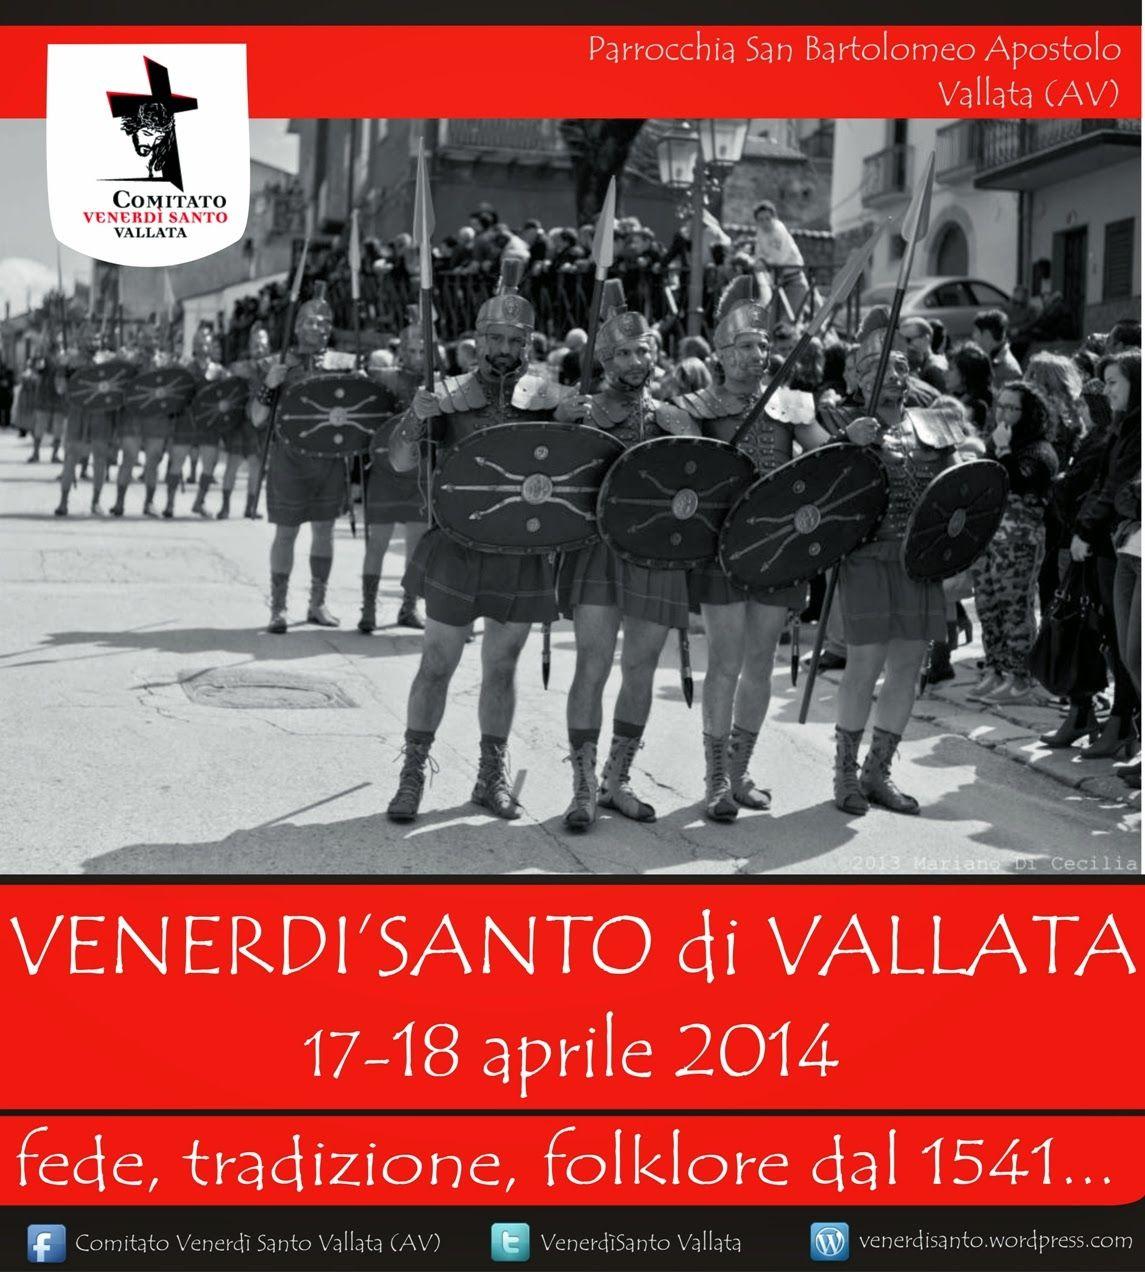 AccadeinCampania: Venerdì Santo di Vallata 2014: fede, tradizione e folklore dal 1541